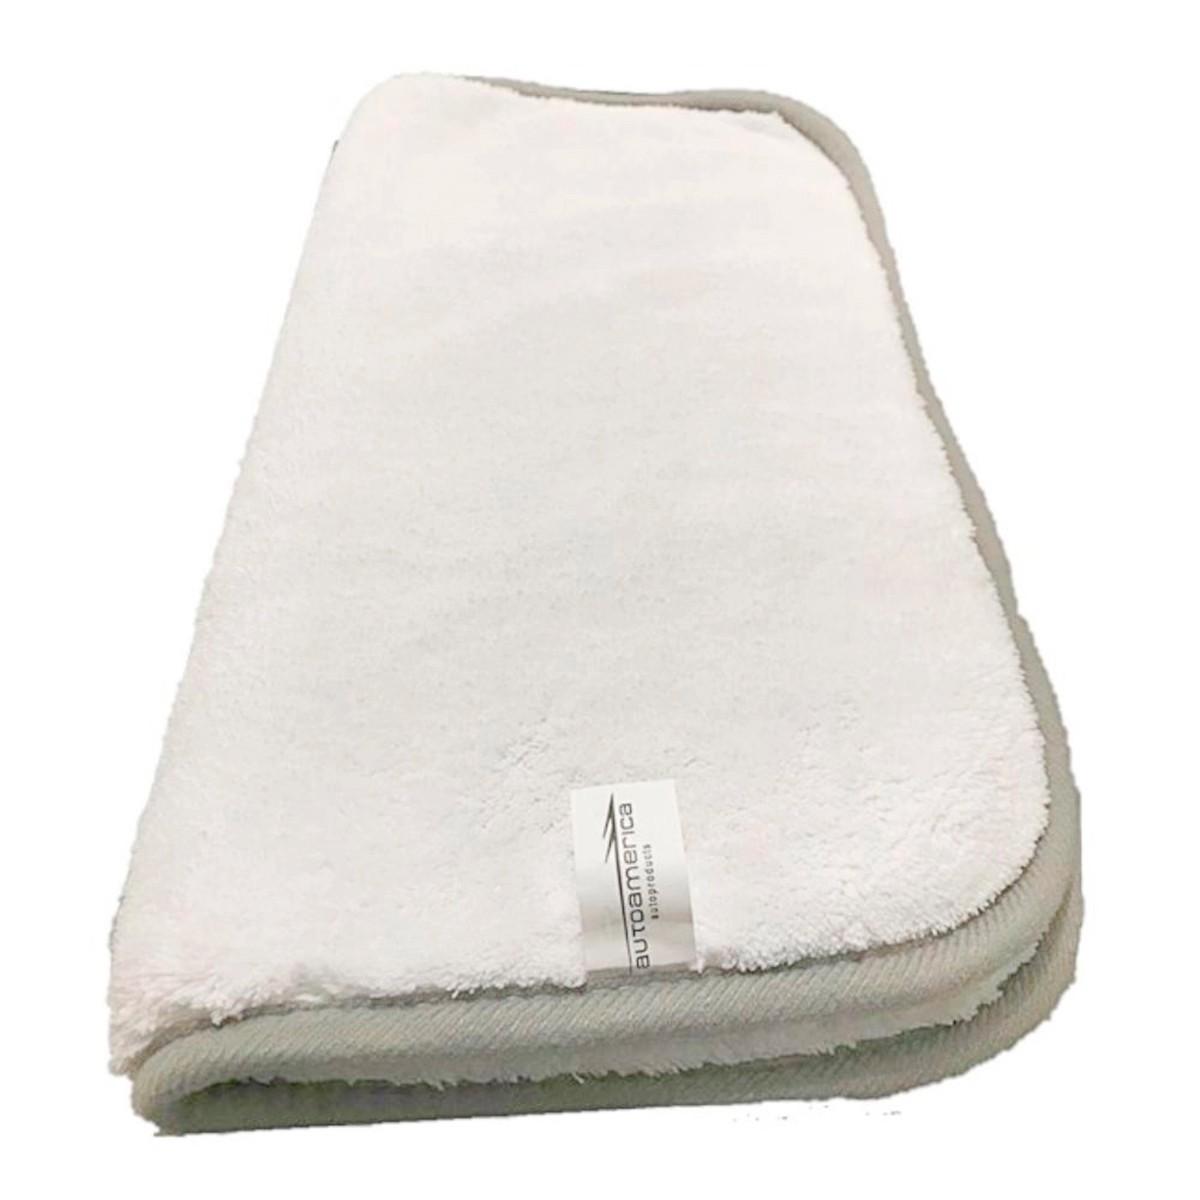 Flanela de Microfibra Branca 1000 g/m² - Autoamerica